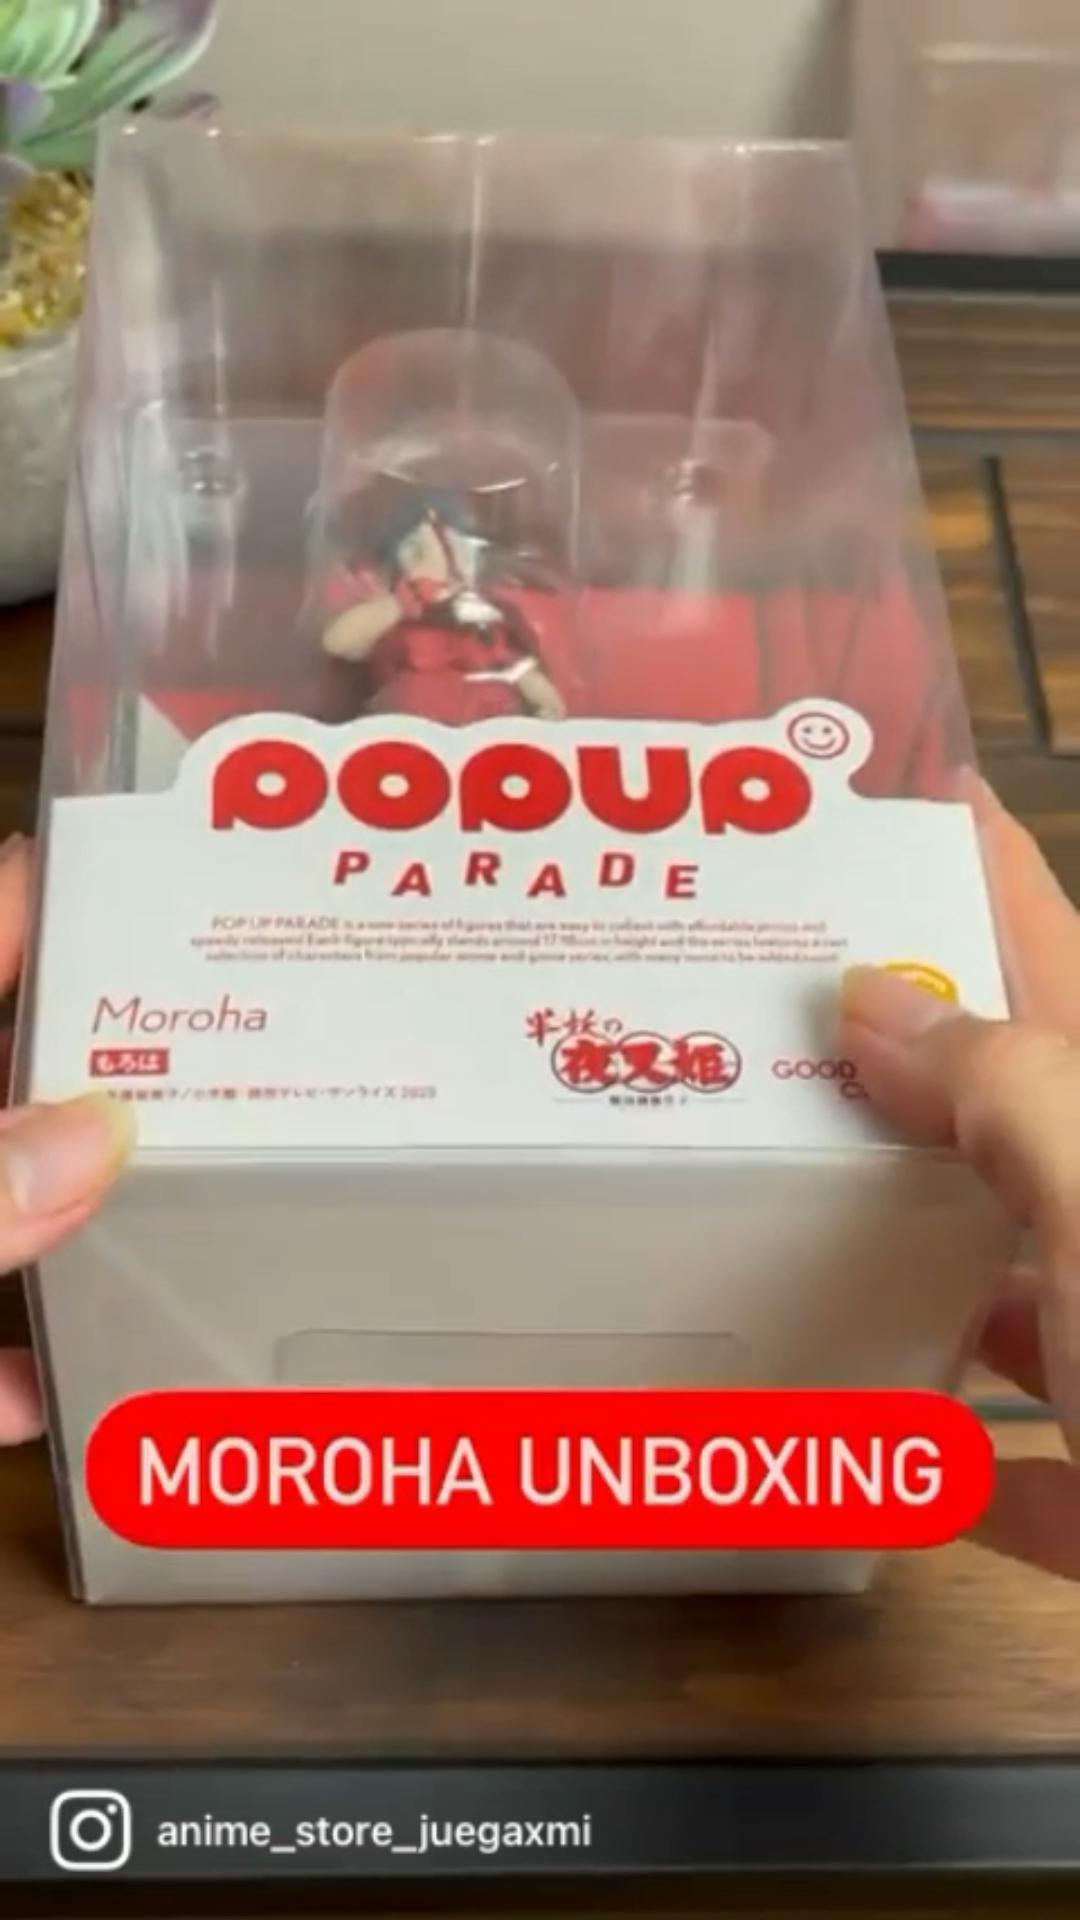 Pop up Parade Amazing MOROHA unboxing